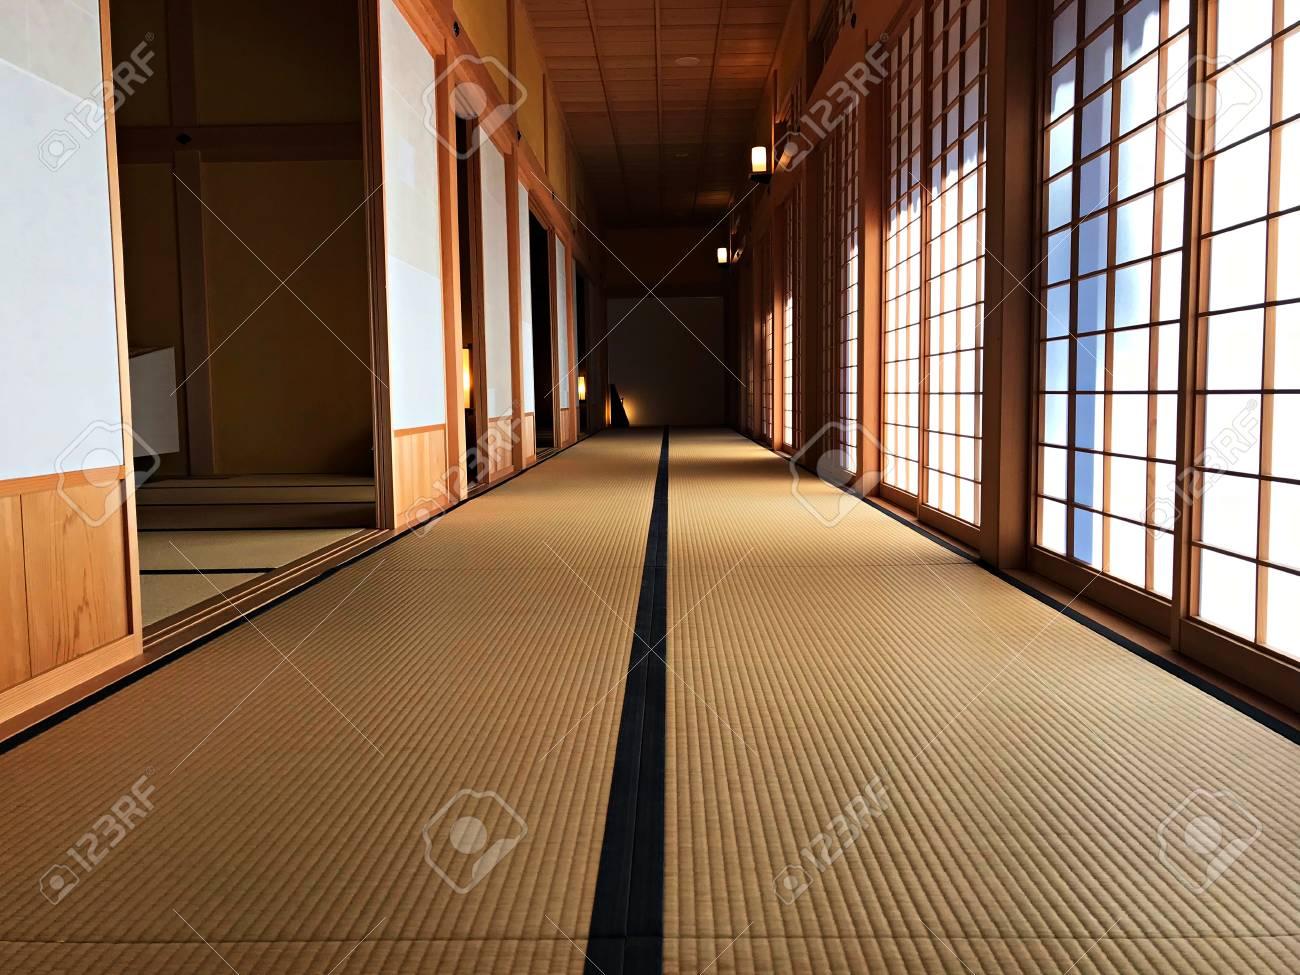 Interieur Maison Japonaise Traditionnelle intérieur de l & # 39 ; aile grecque de la maison traditionnelle japonaise